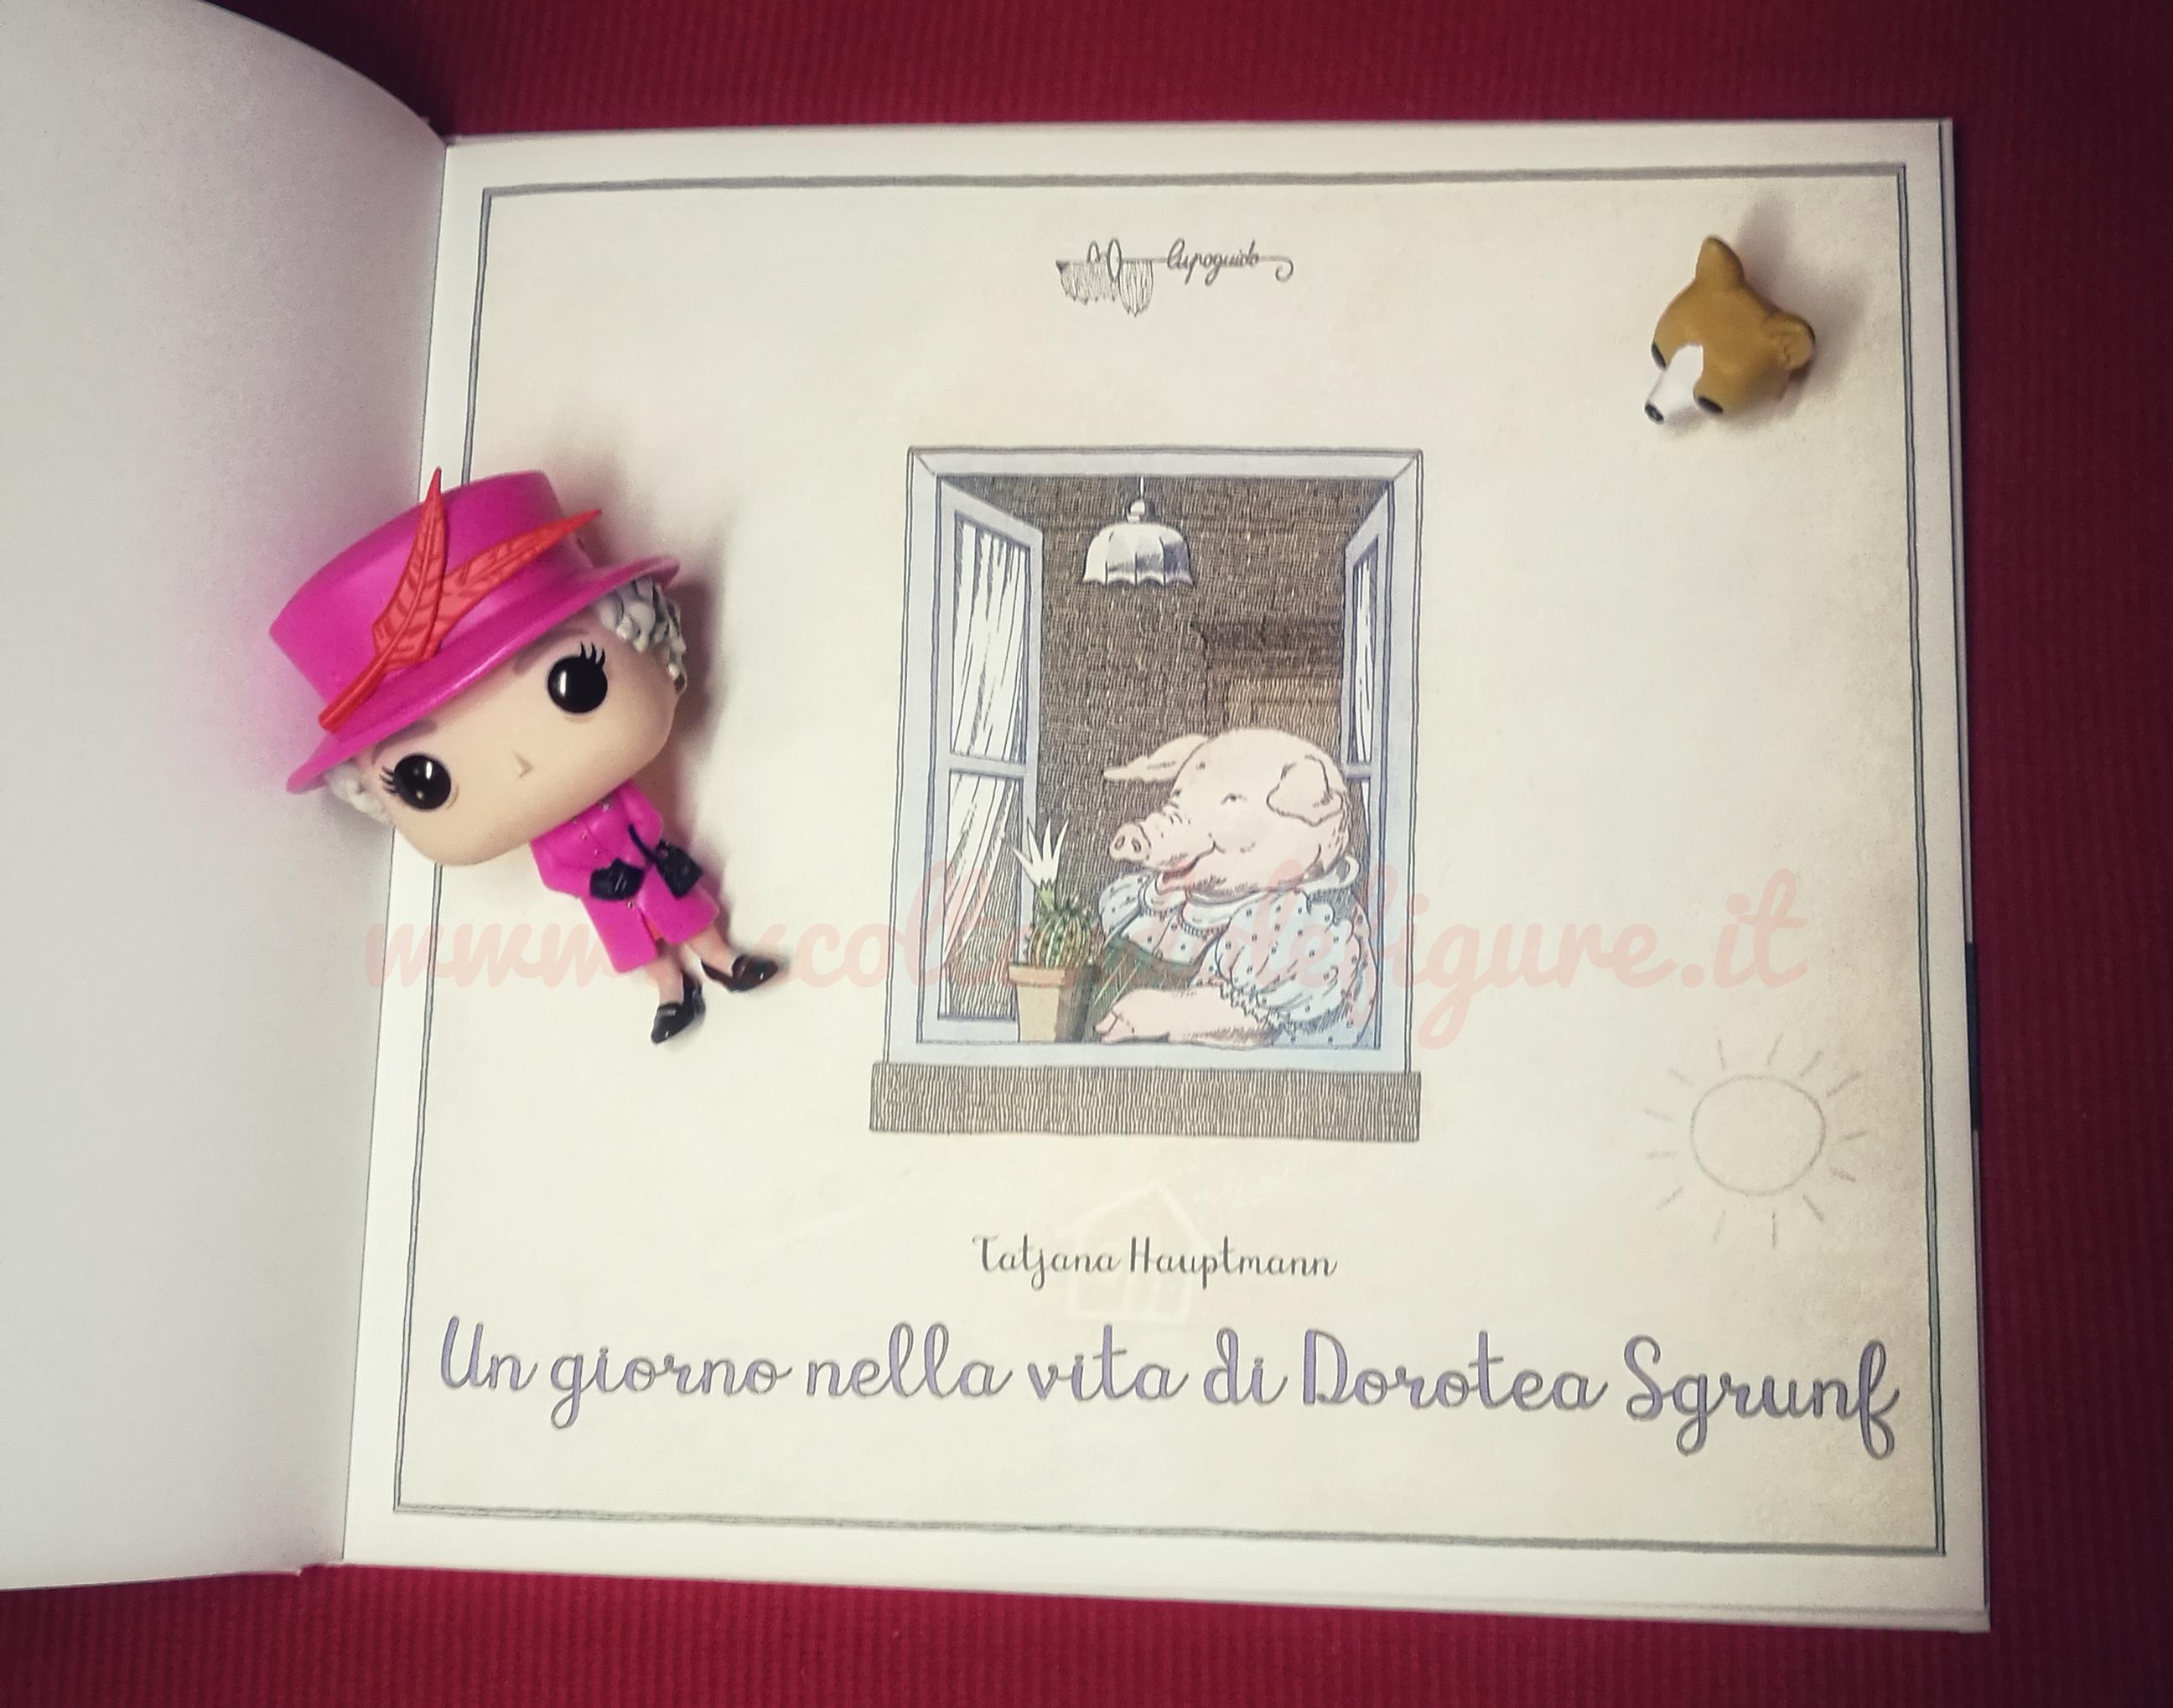 Un giorno nella vita di Dorotea Sgrunf